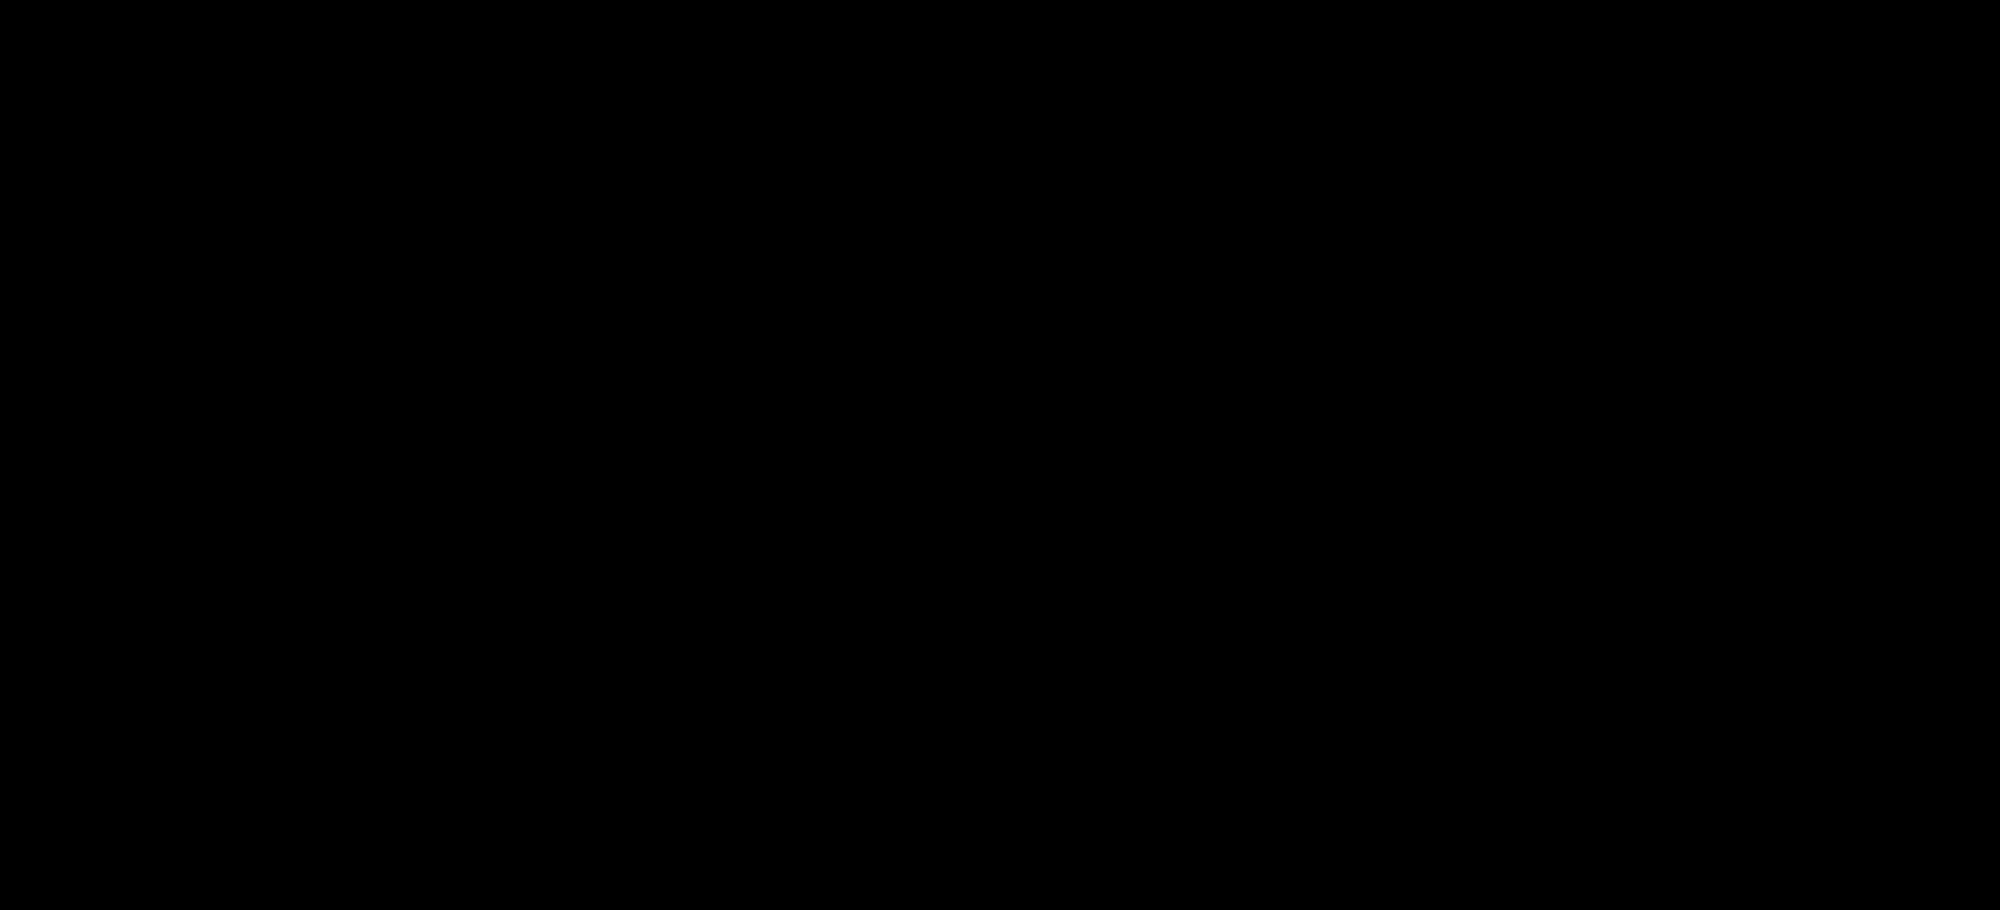 2000x910 Filesilhouette Robin.svg